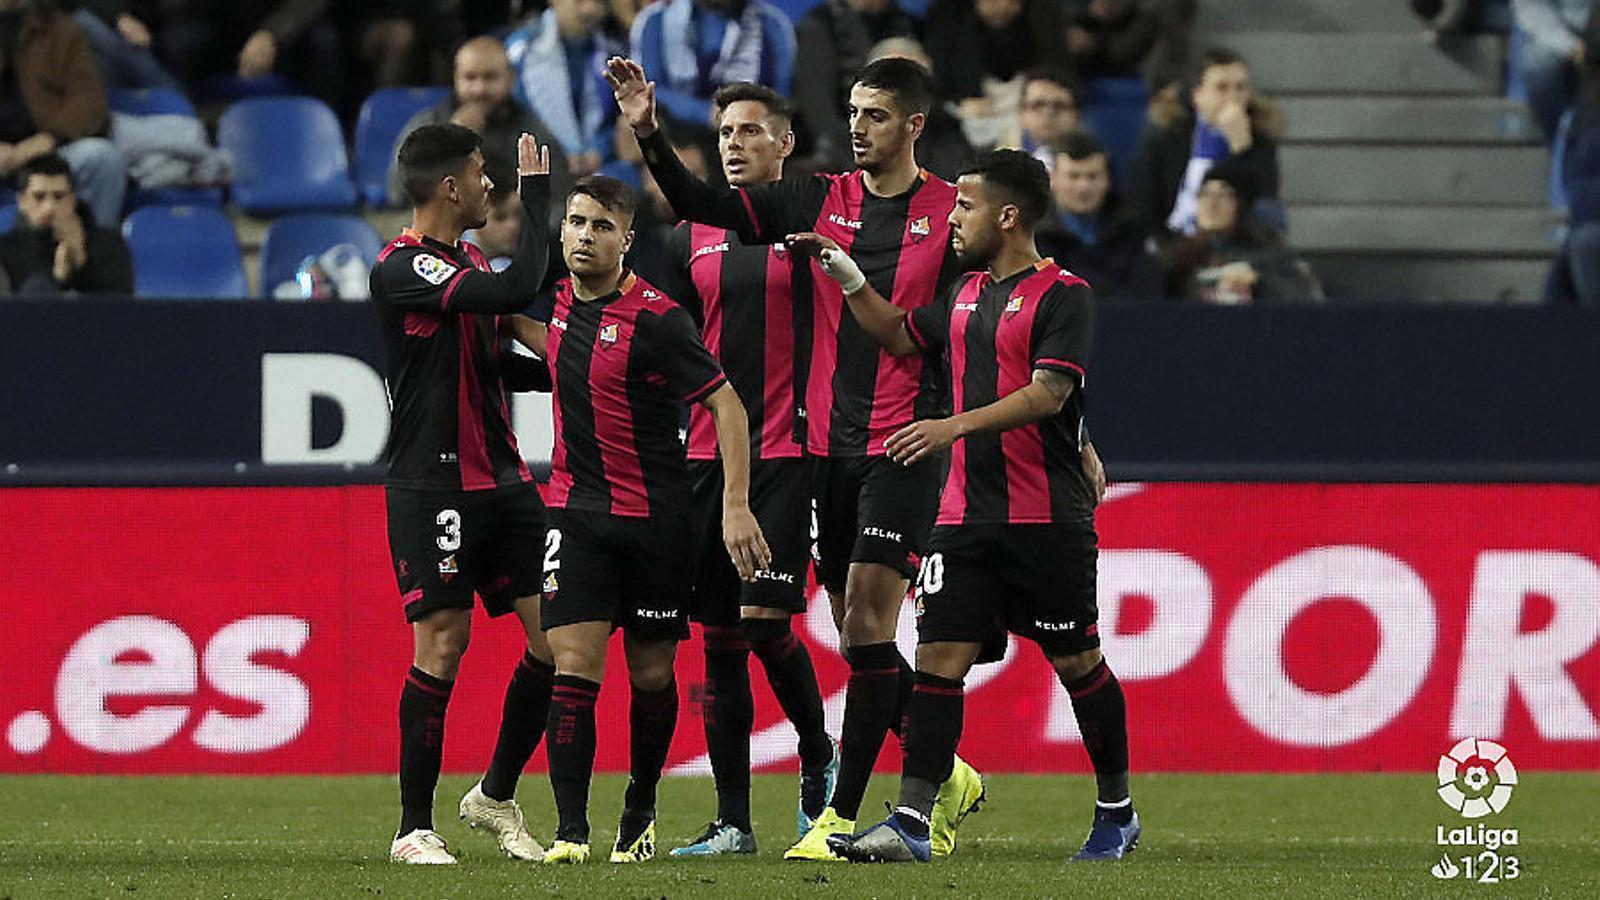 Històric triomf  del Reus al camp del Màlaga (0-3) Segon triomf  en tres partits  del Nàstic (1-0)